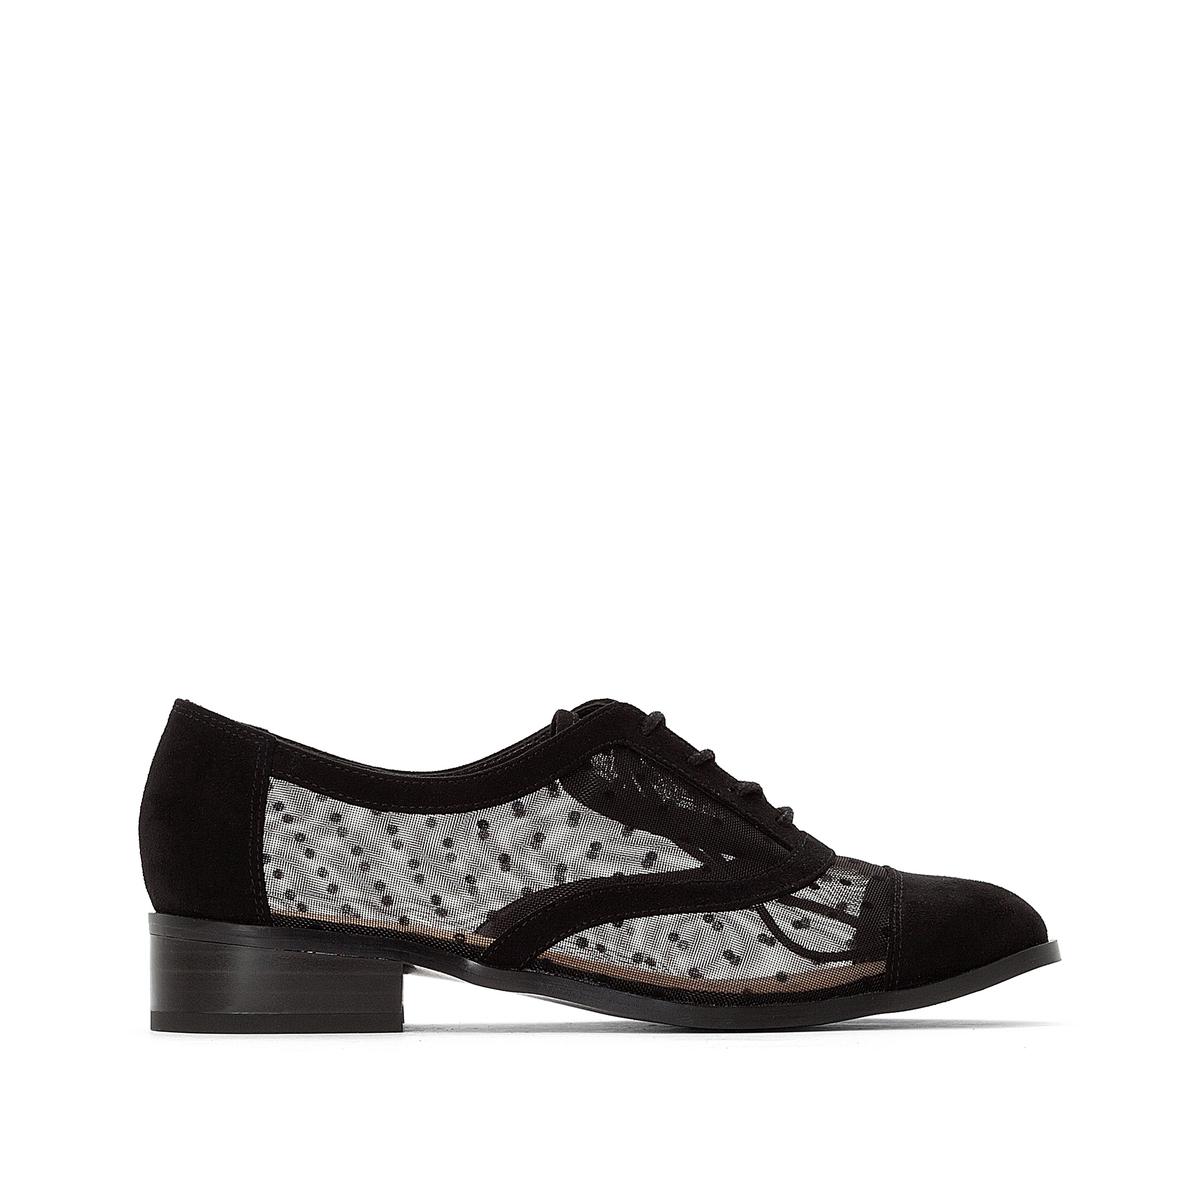 Ботинки-дерби La Redoute Из двух материалов на шнуровке на плоской подошве 36 черный ботинки la redoute на шнуровке 38 белый